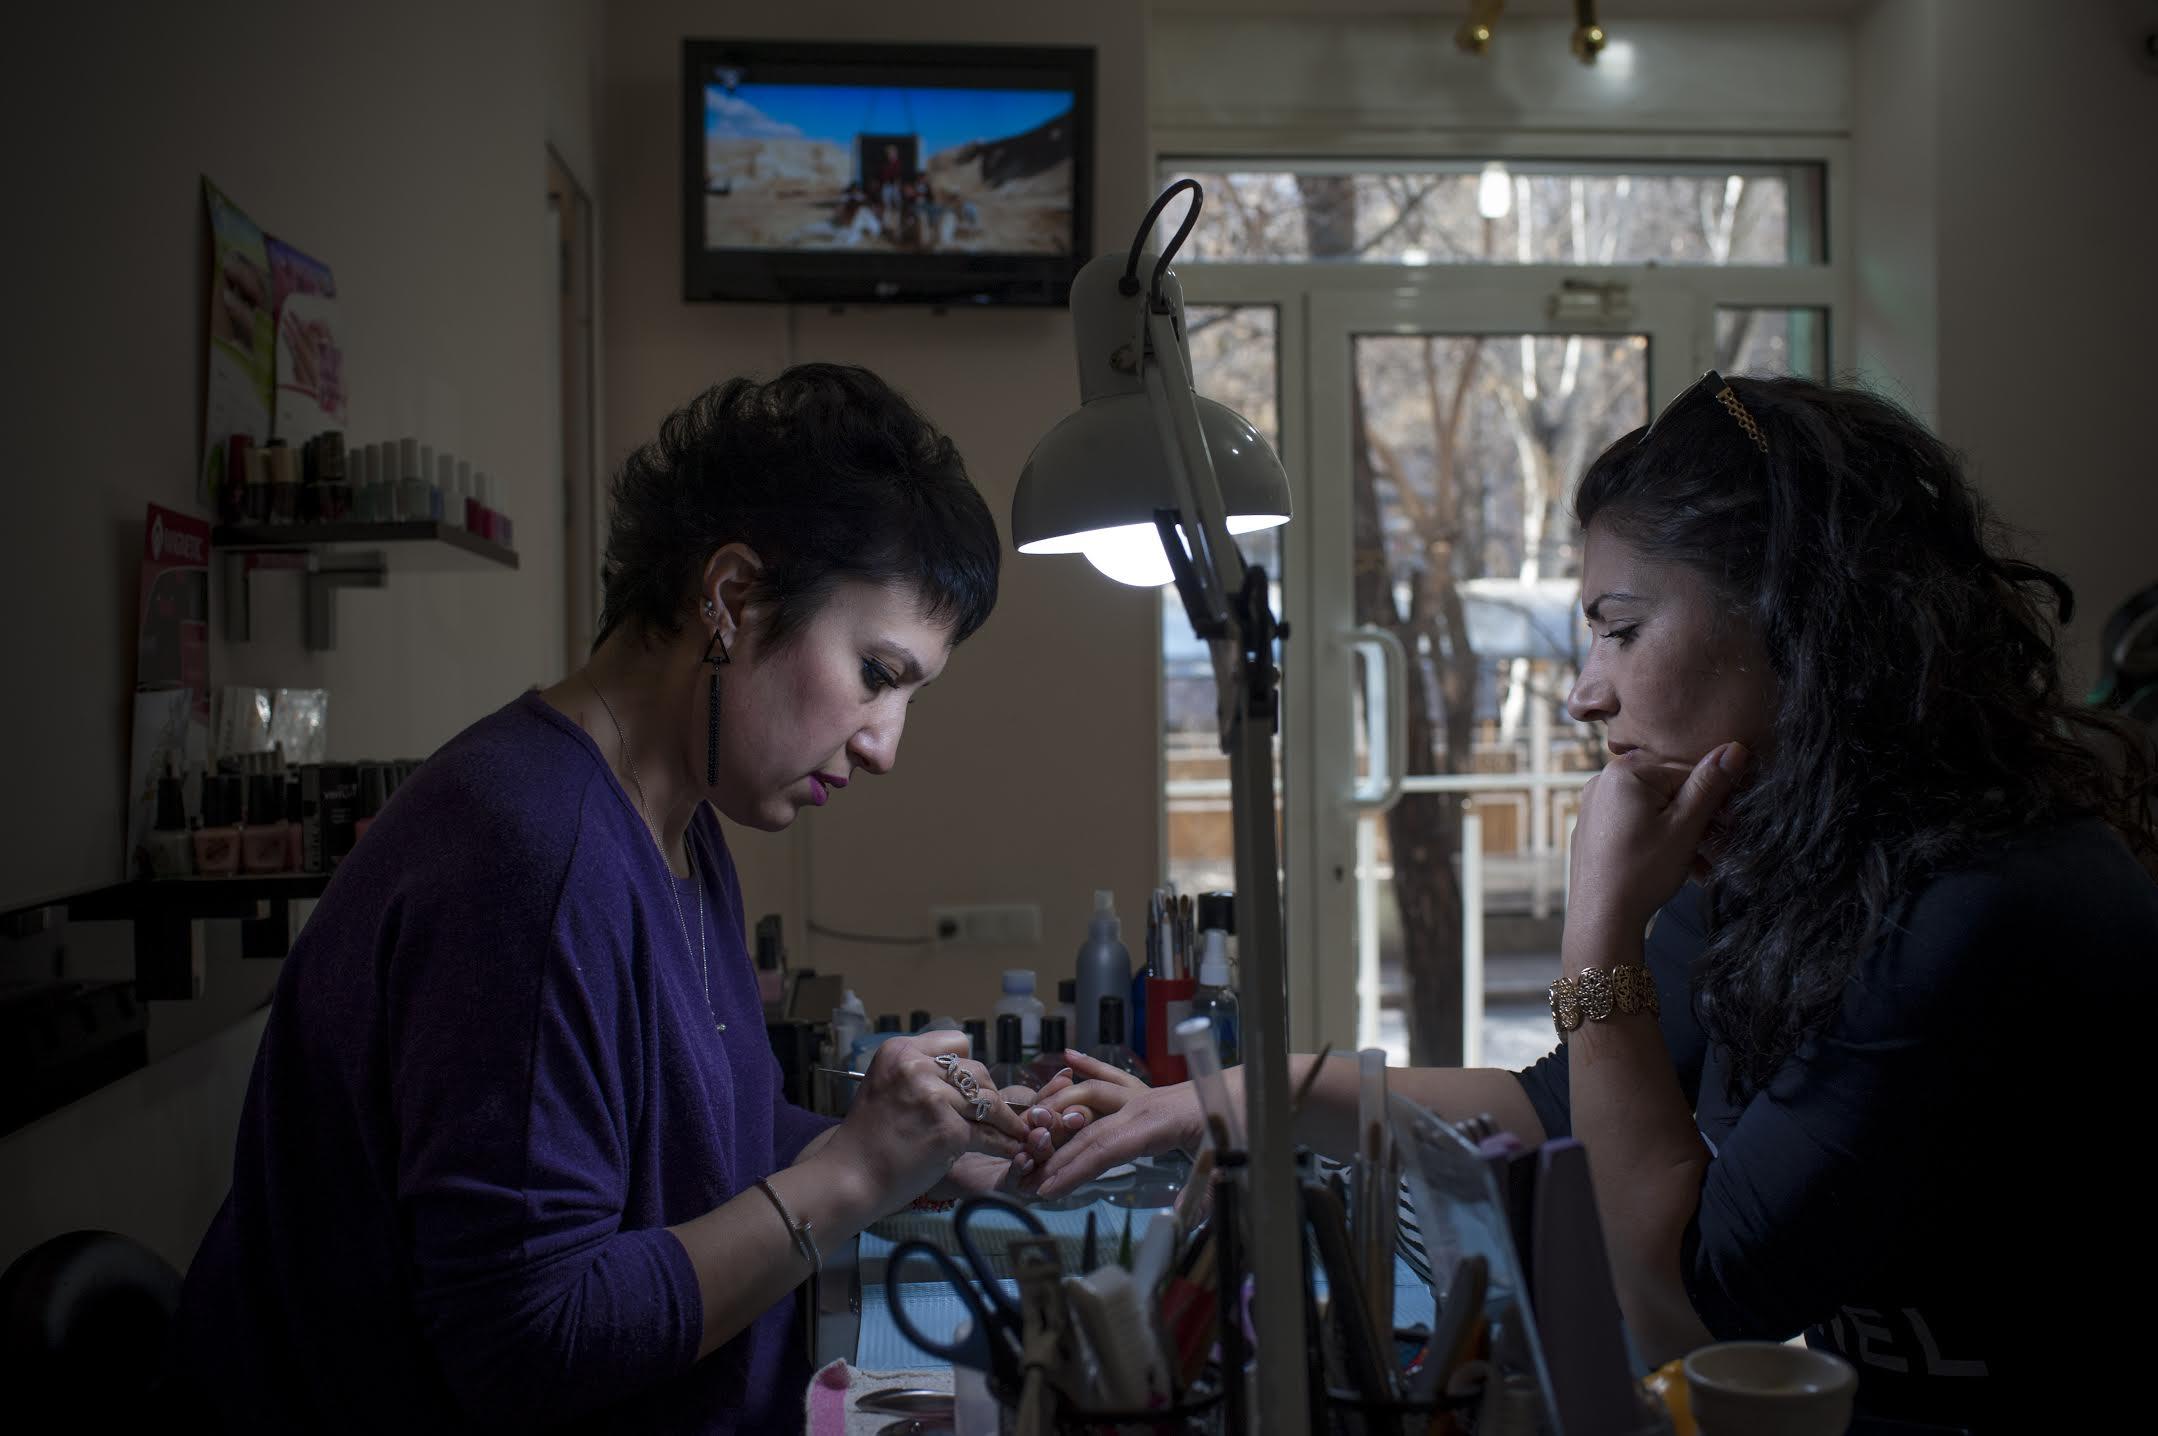 Тагуи работала дизайнером по ногтям и в браке, и после развода. Она вносит большой вклад в свою финансовую независимость. (Nazik Armenakyan)